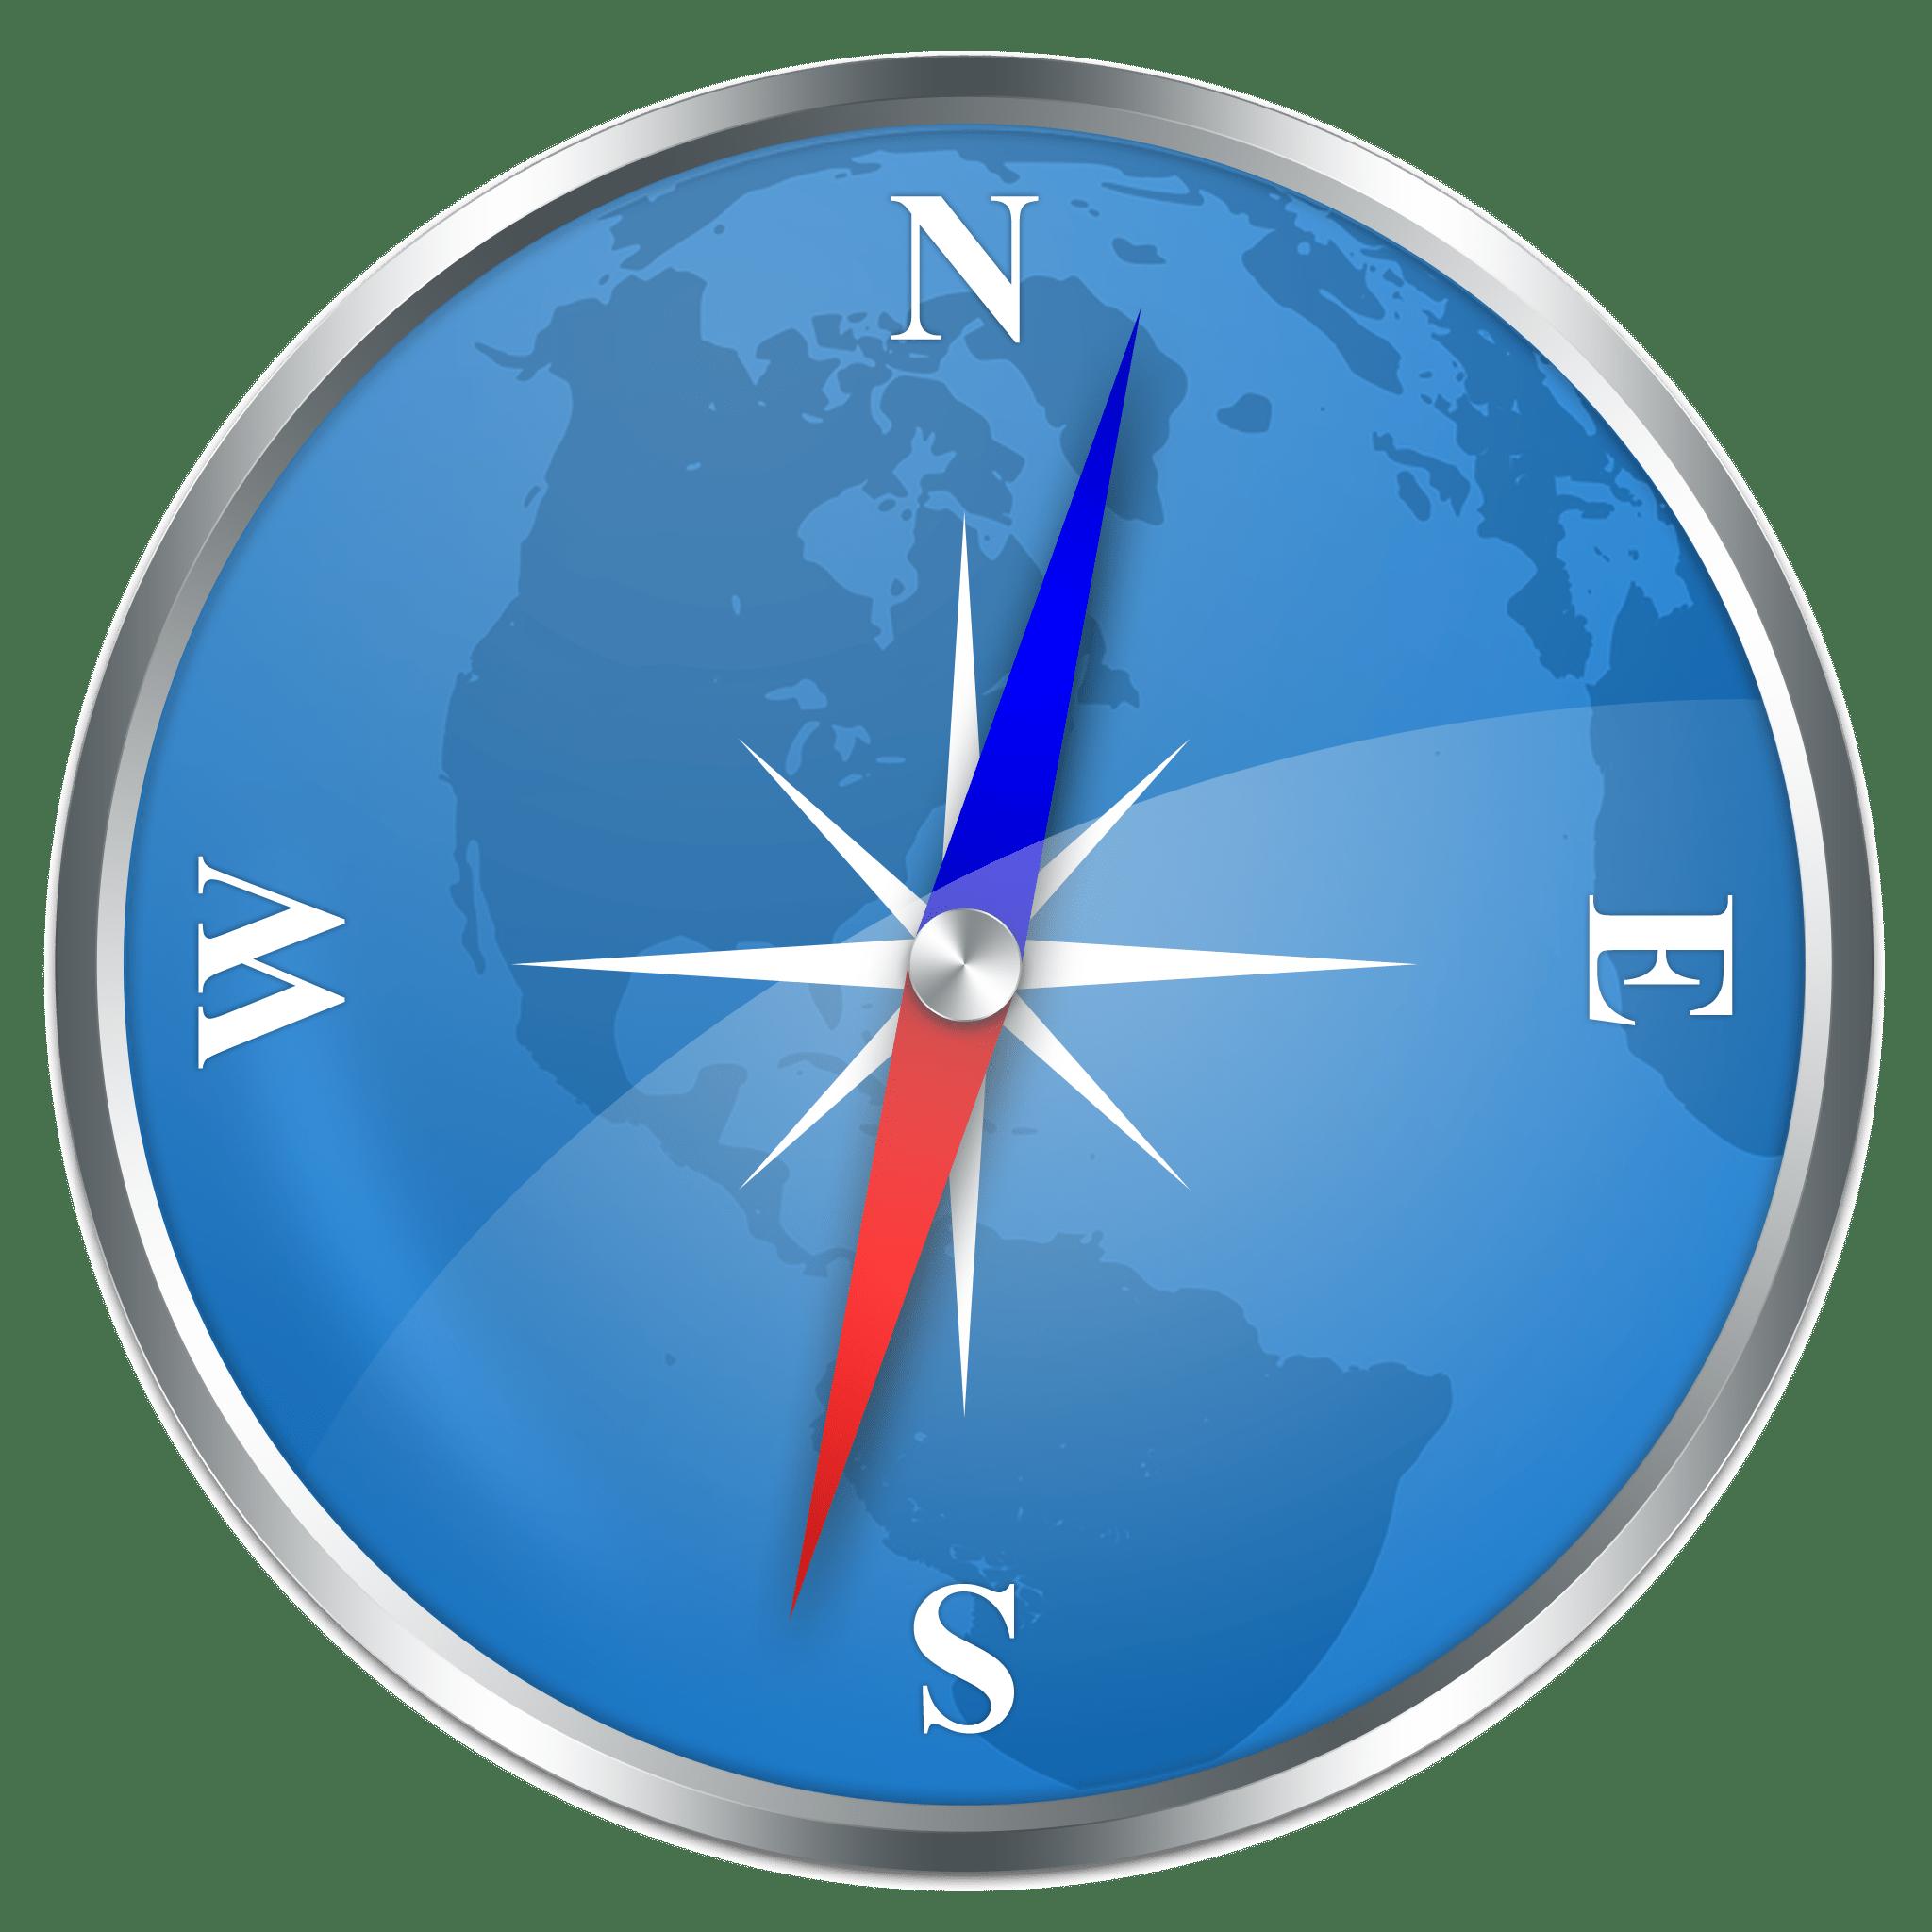 Kompass als Symbol für die Intuition